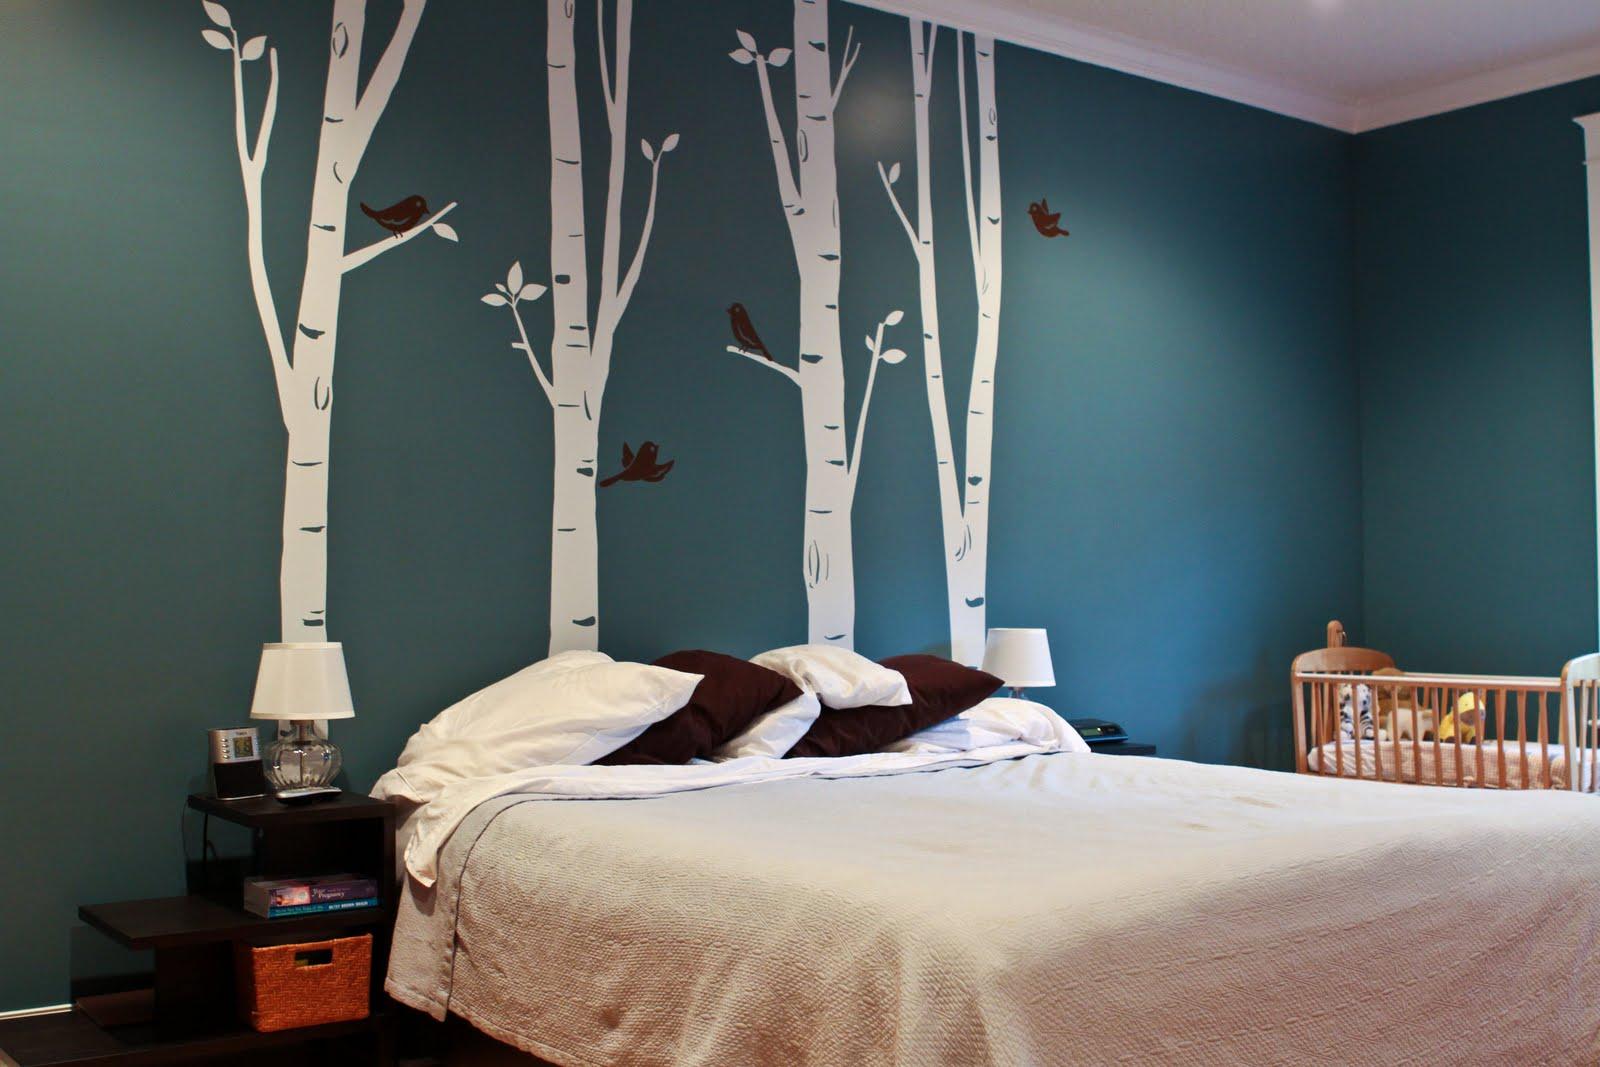 Dec o blog i 39 m a decorator for Imagenes de habitaciones decoradas